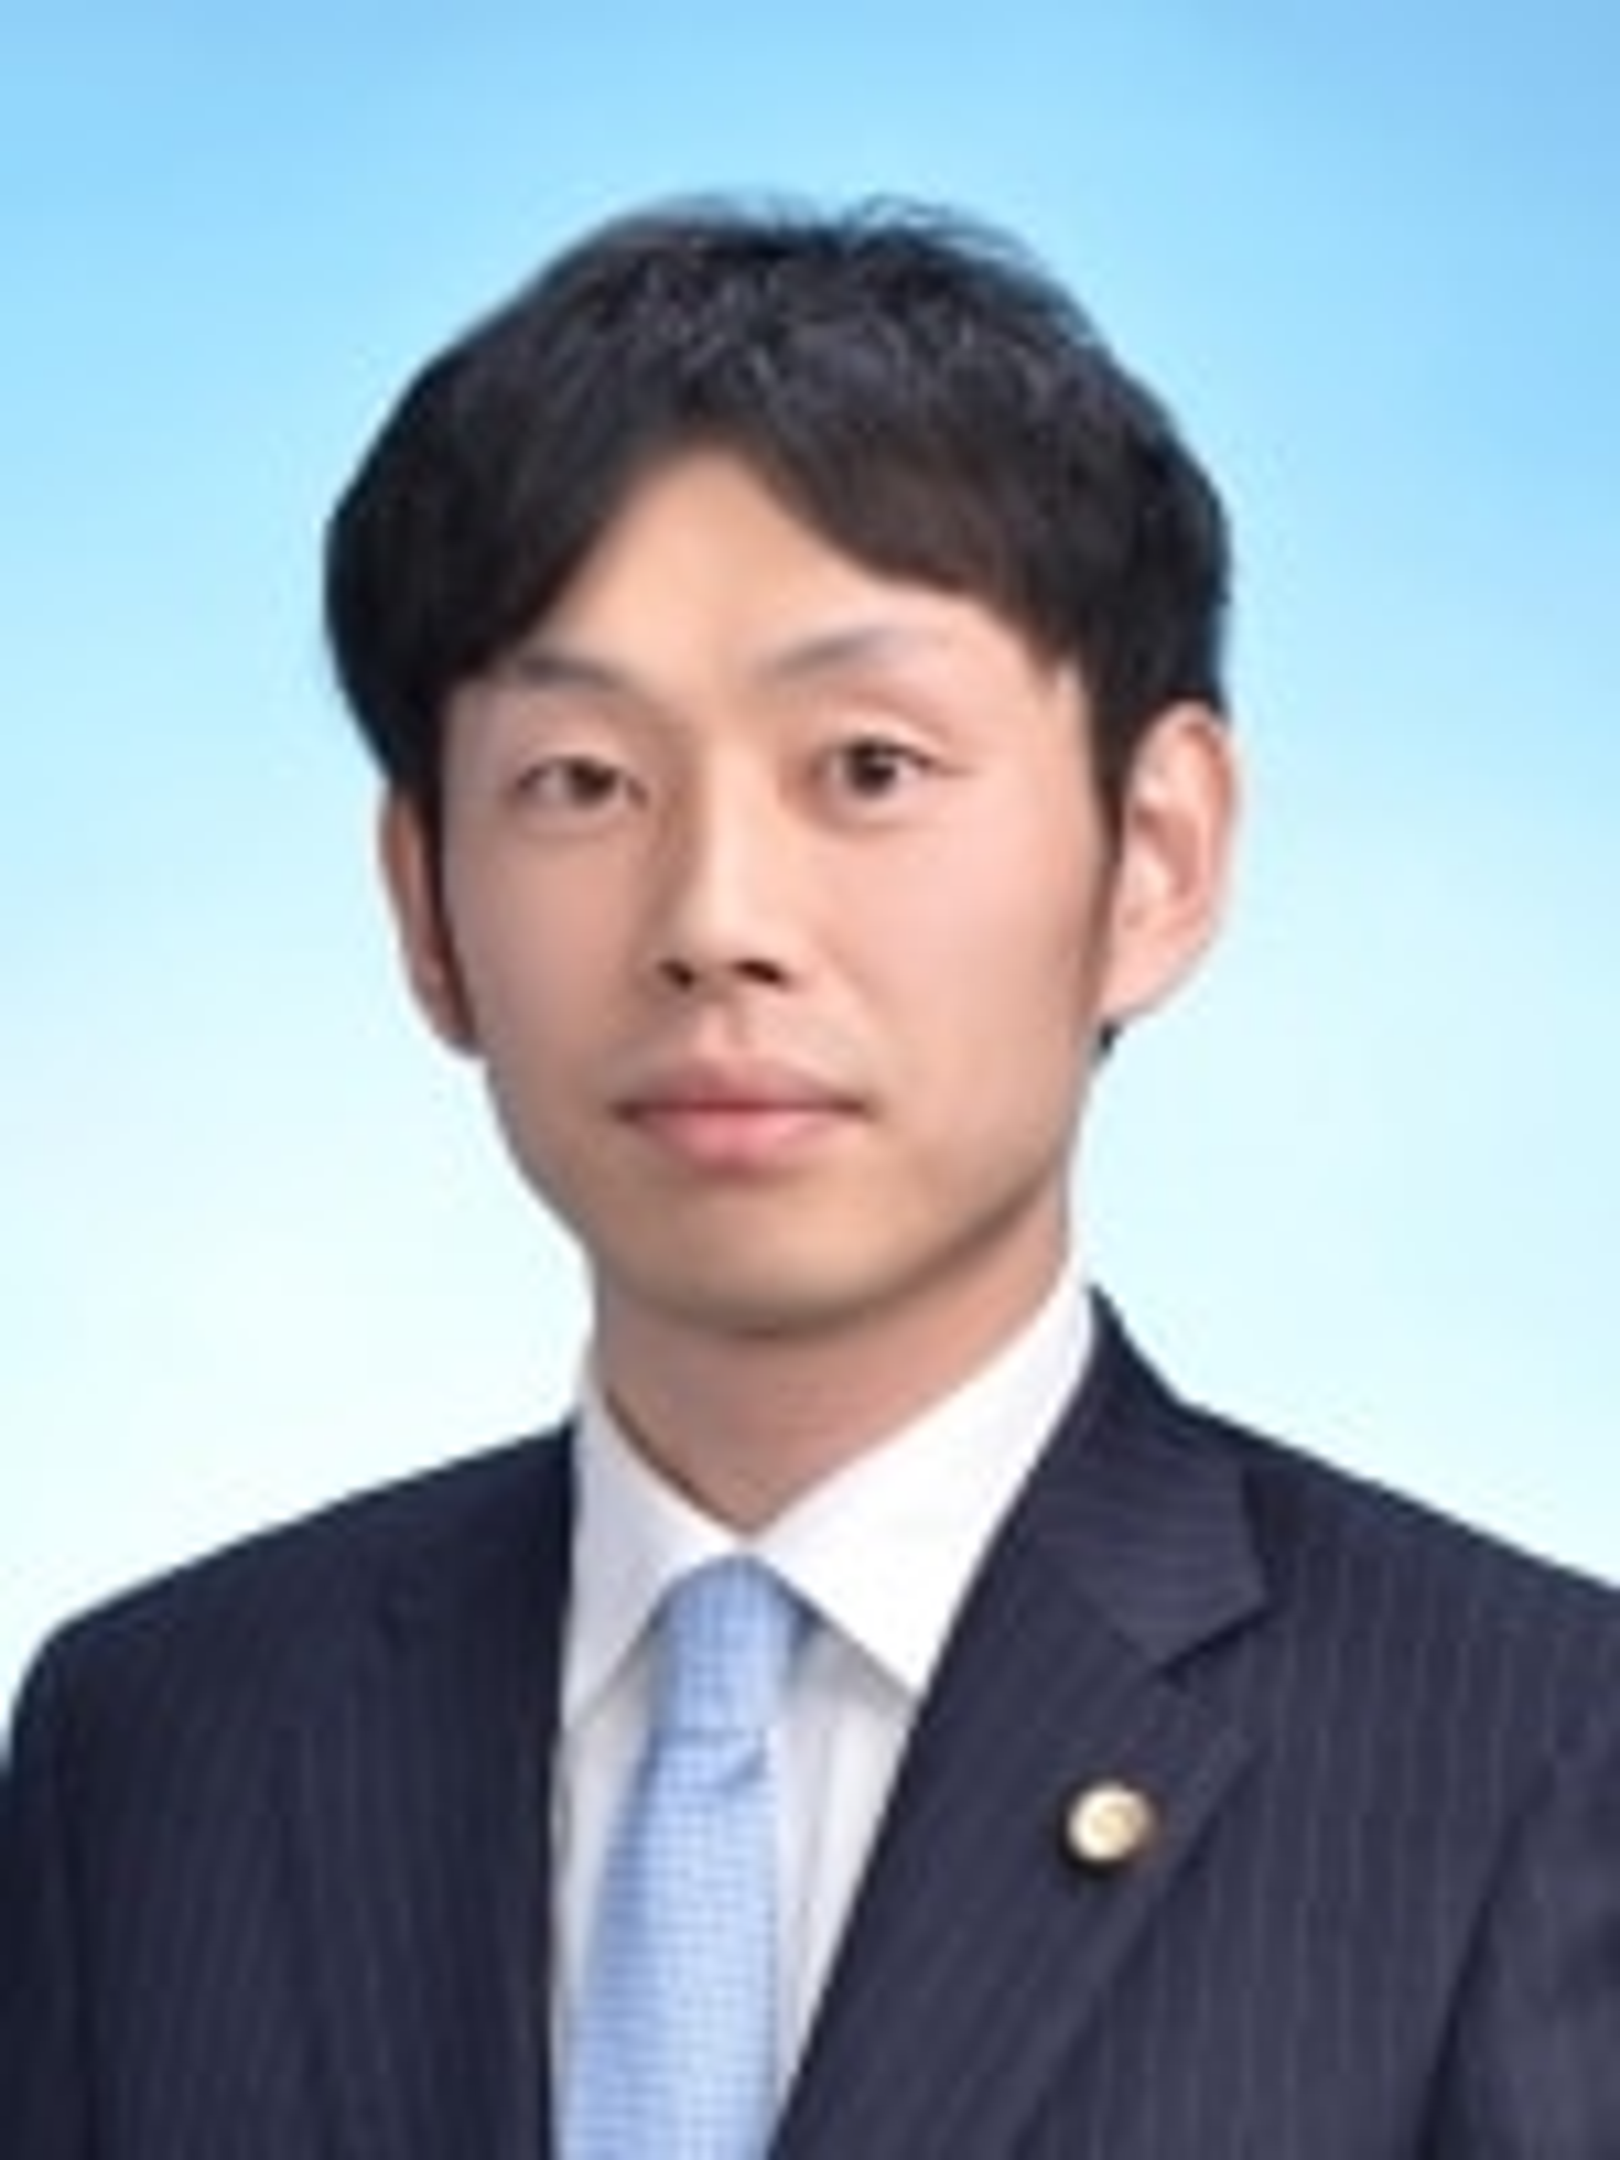 石濱 貴文弁護士